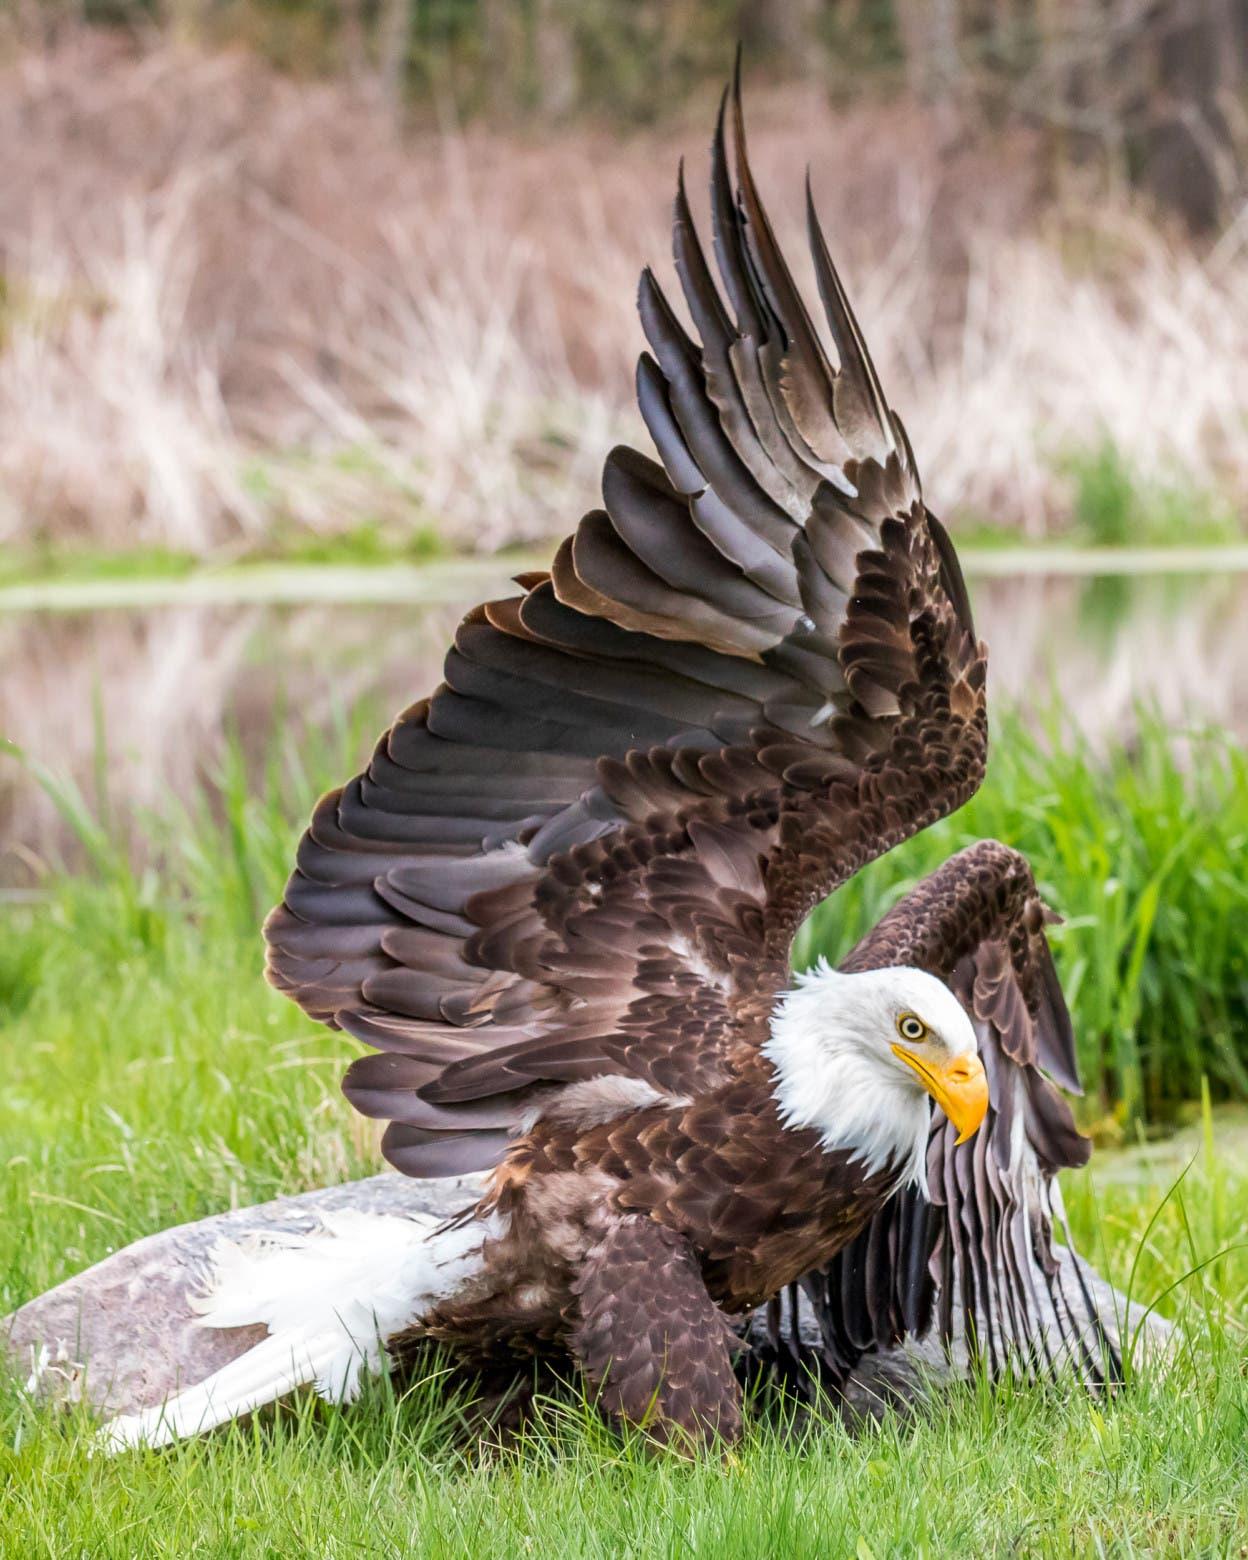 La increíble imagen de una majestuosa águila calva del canadiense Steve Biro